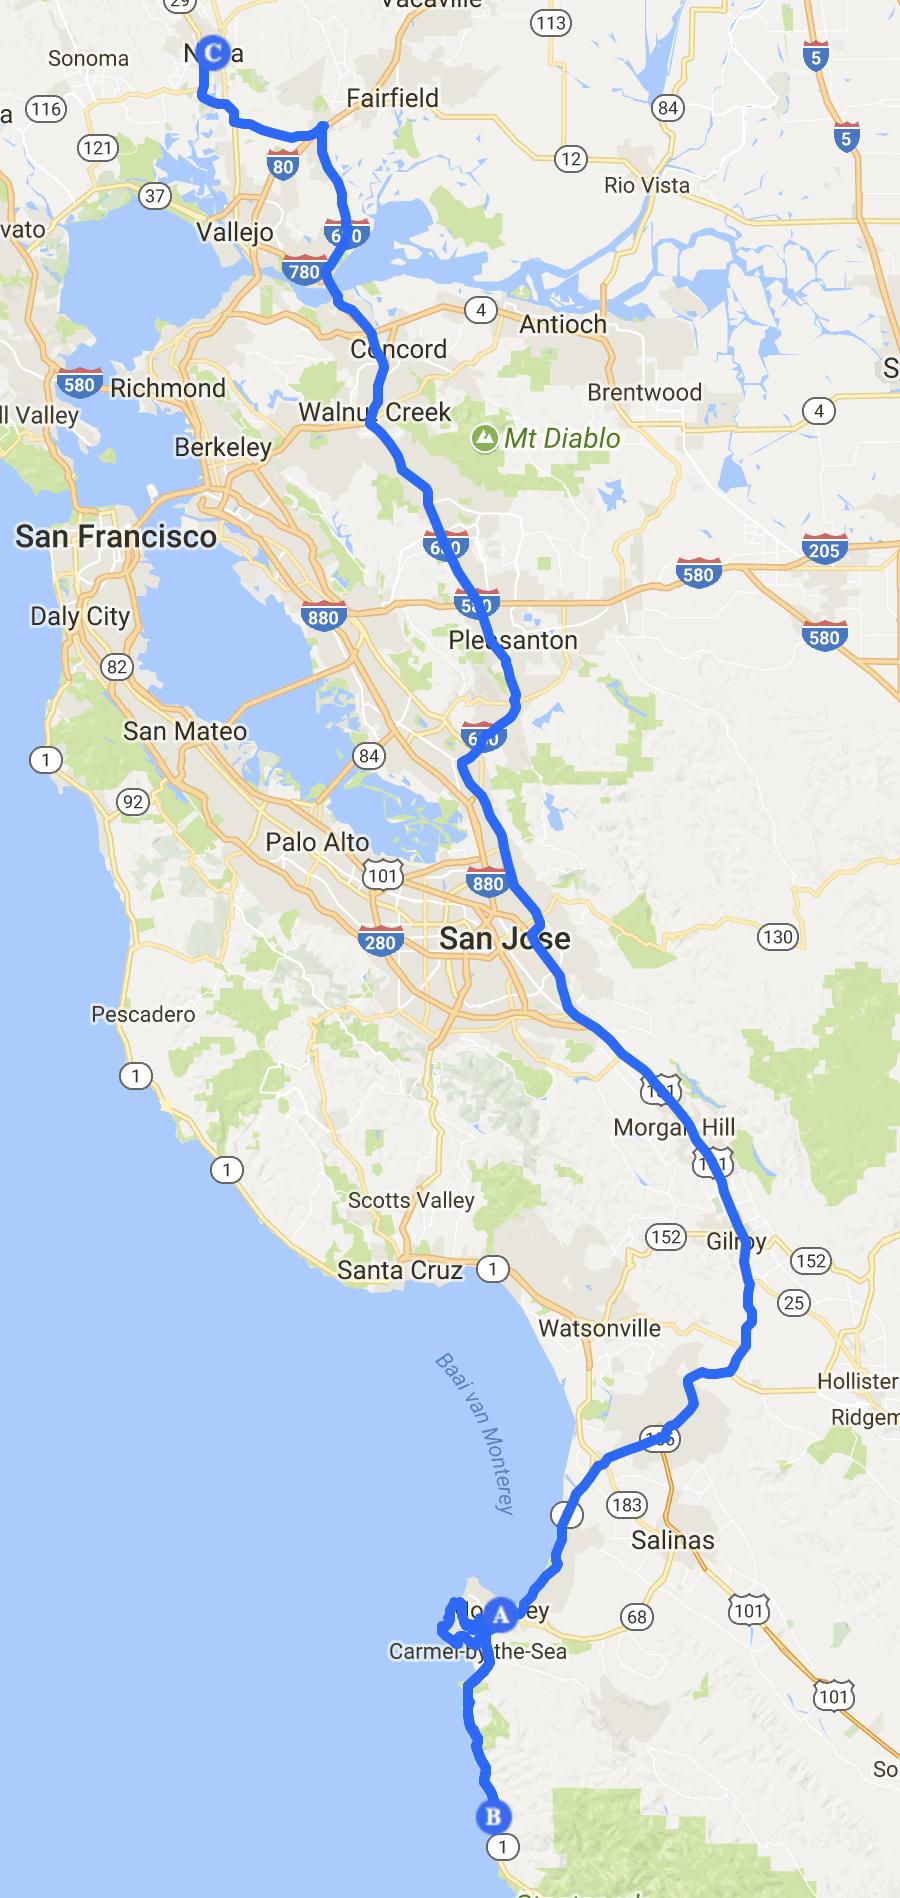 route 9 Monterrey - Napa